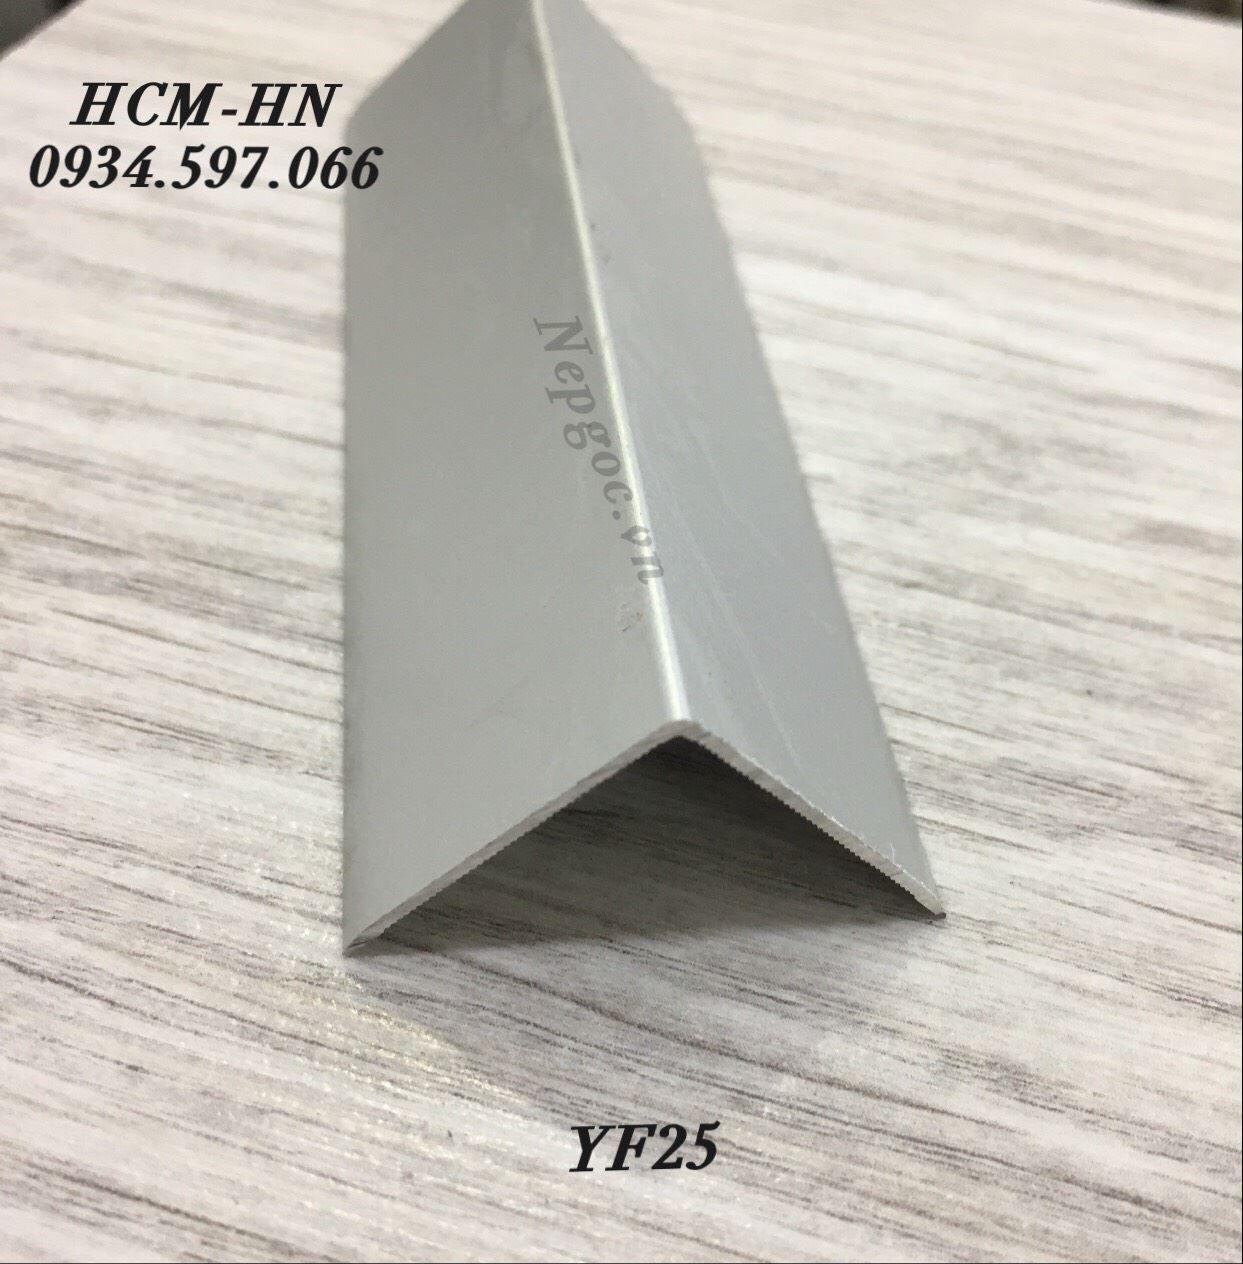 Nẹp góc ngoài YF25, nẹp nhôm chữ V25